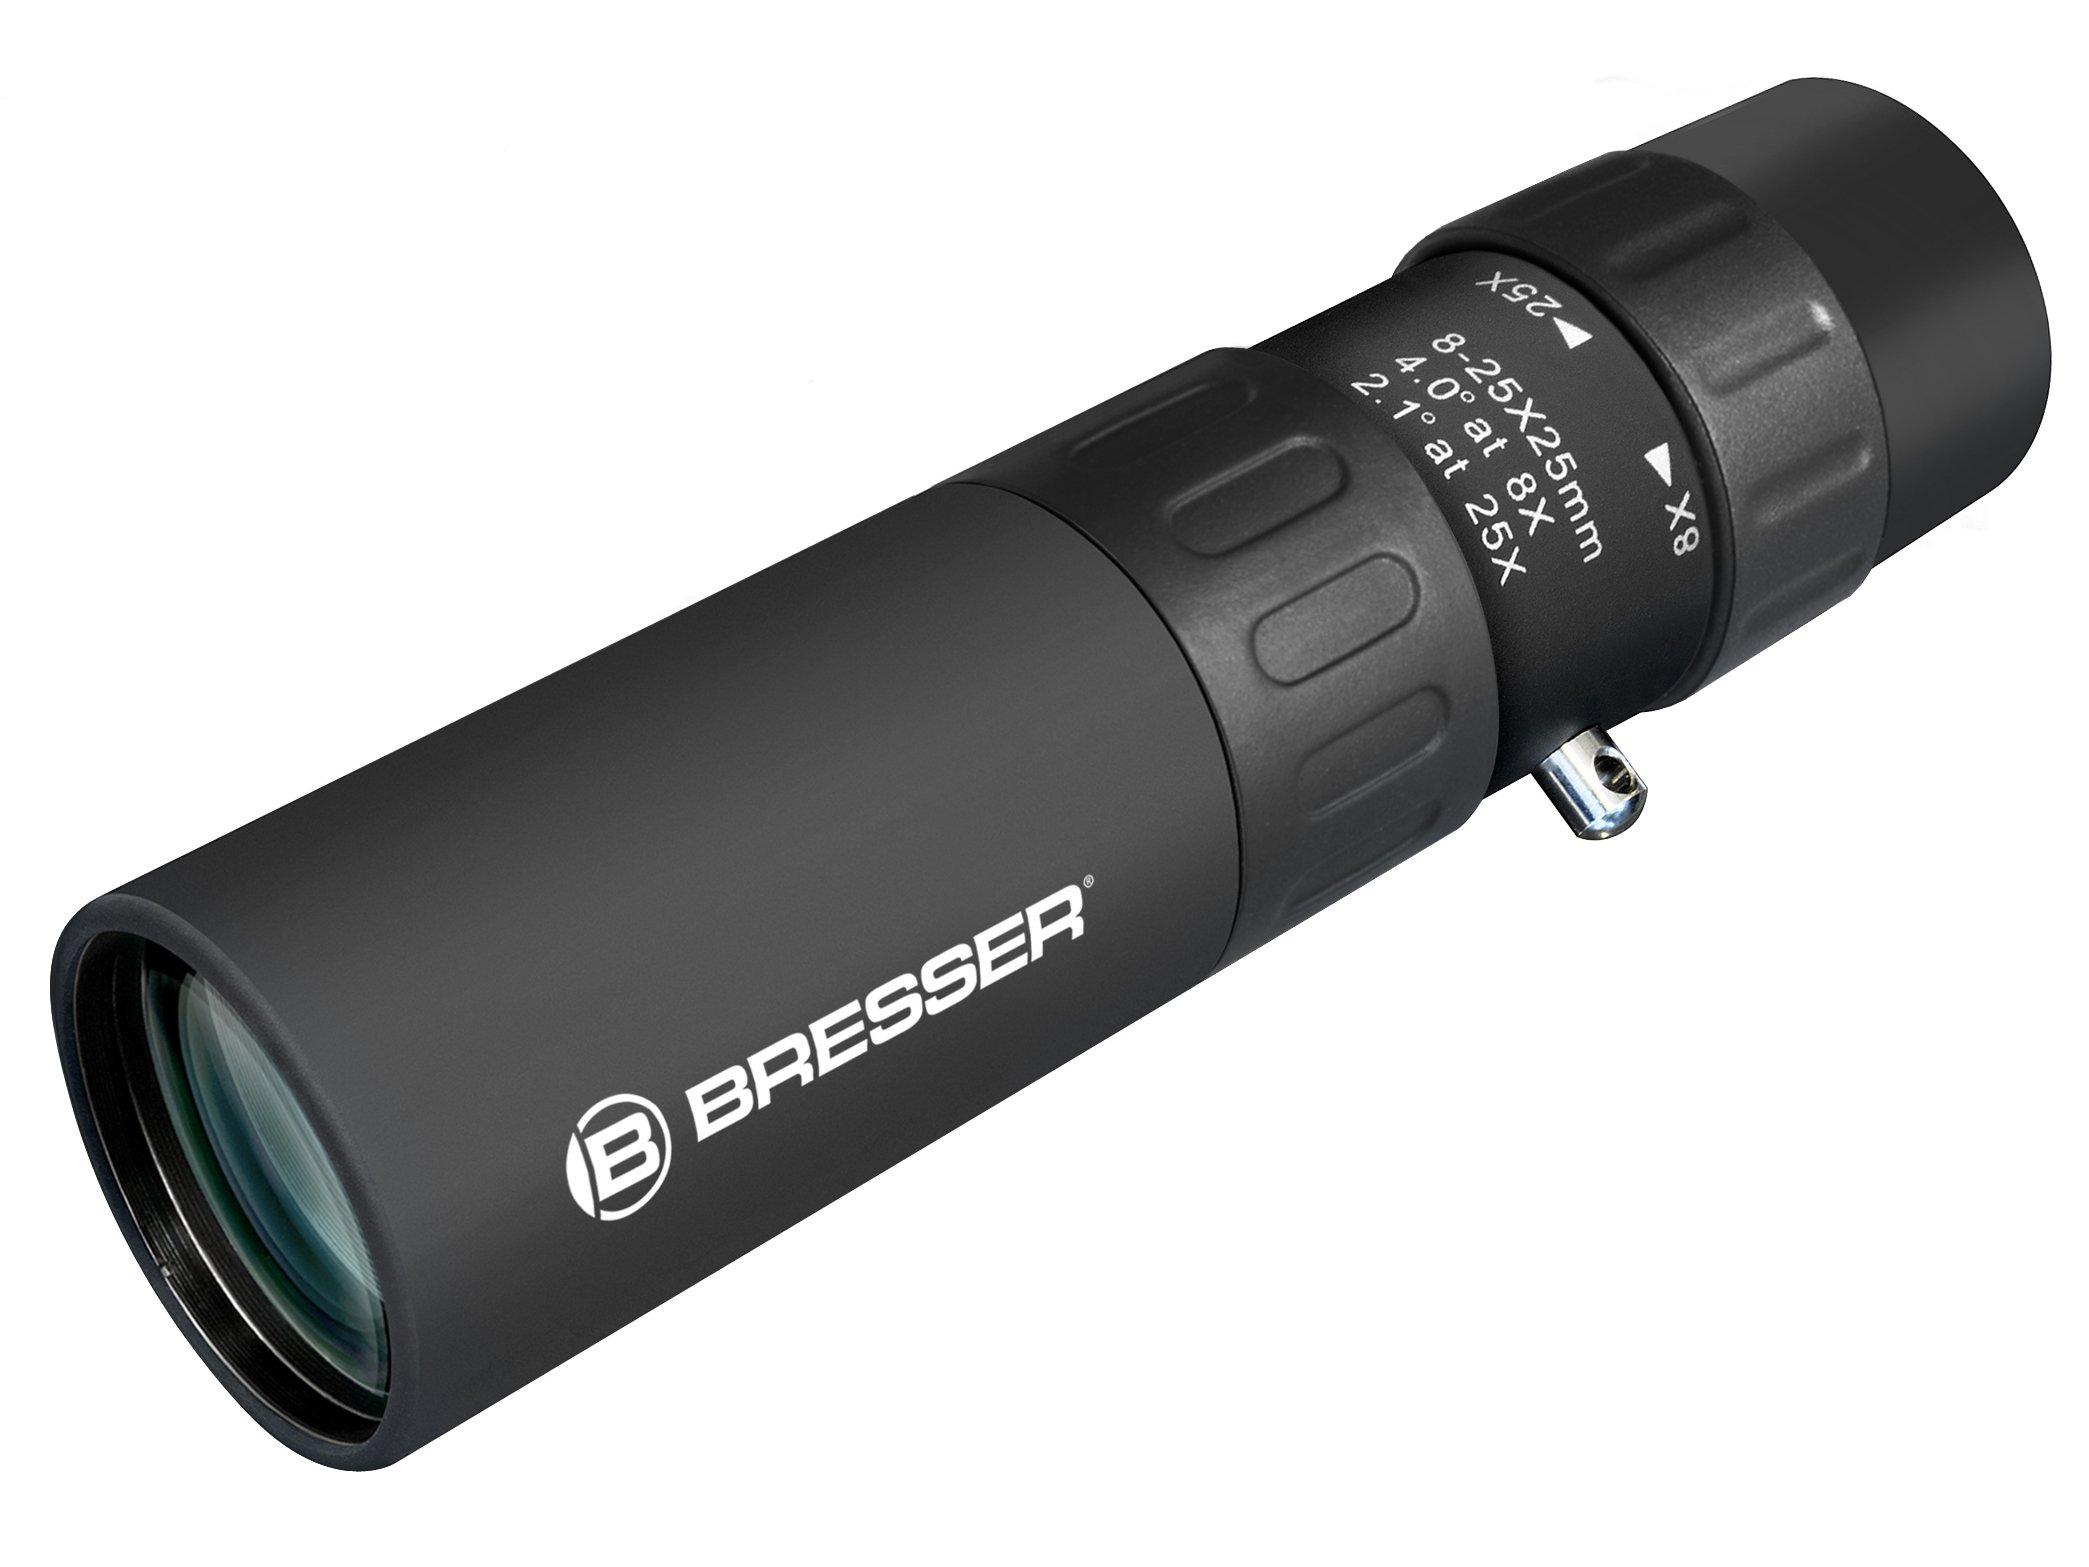 BRESSER Zoomar 8-25x25 monokulární kapesní dalekohled